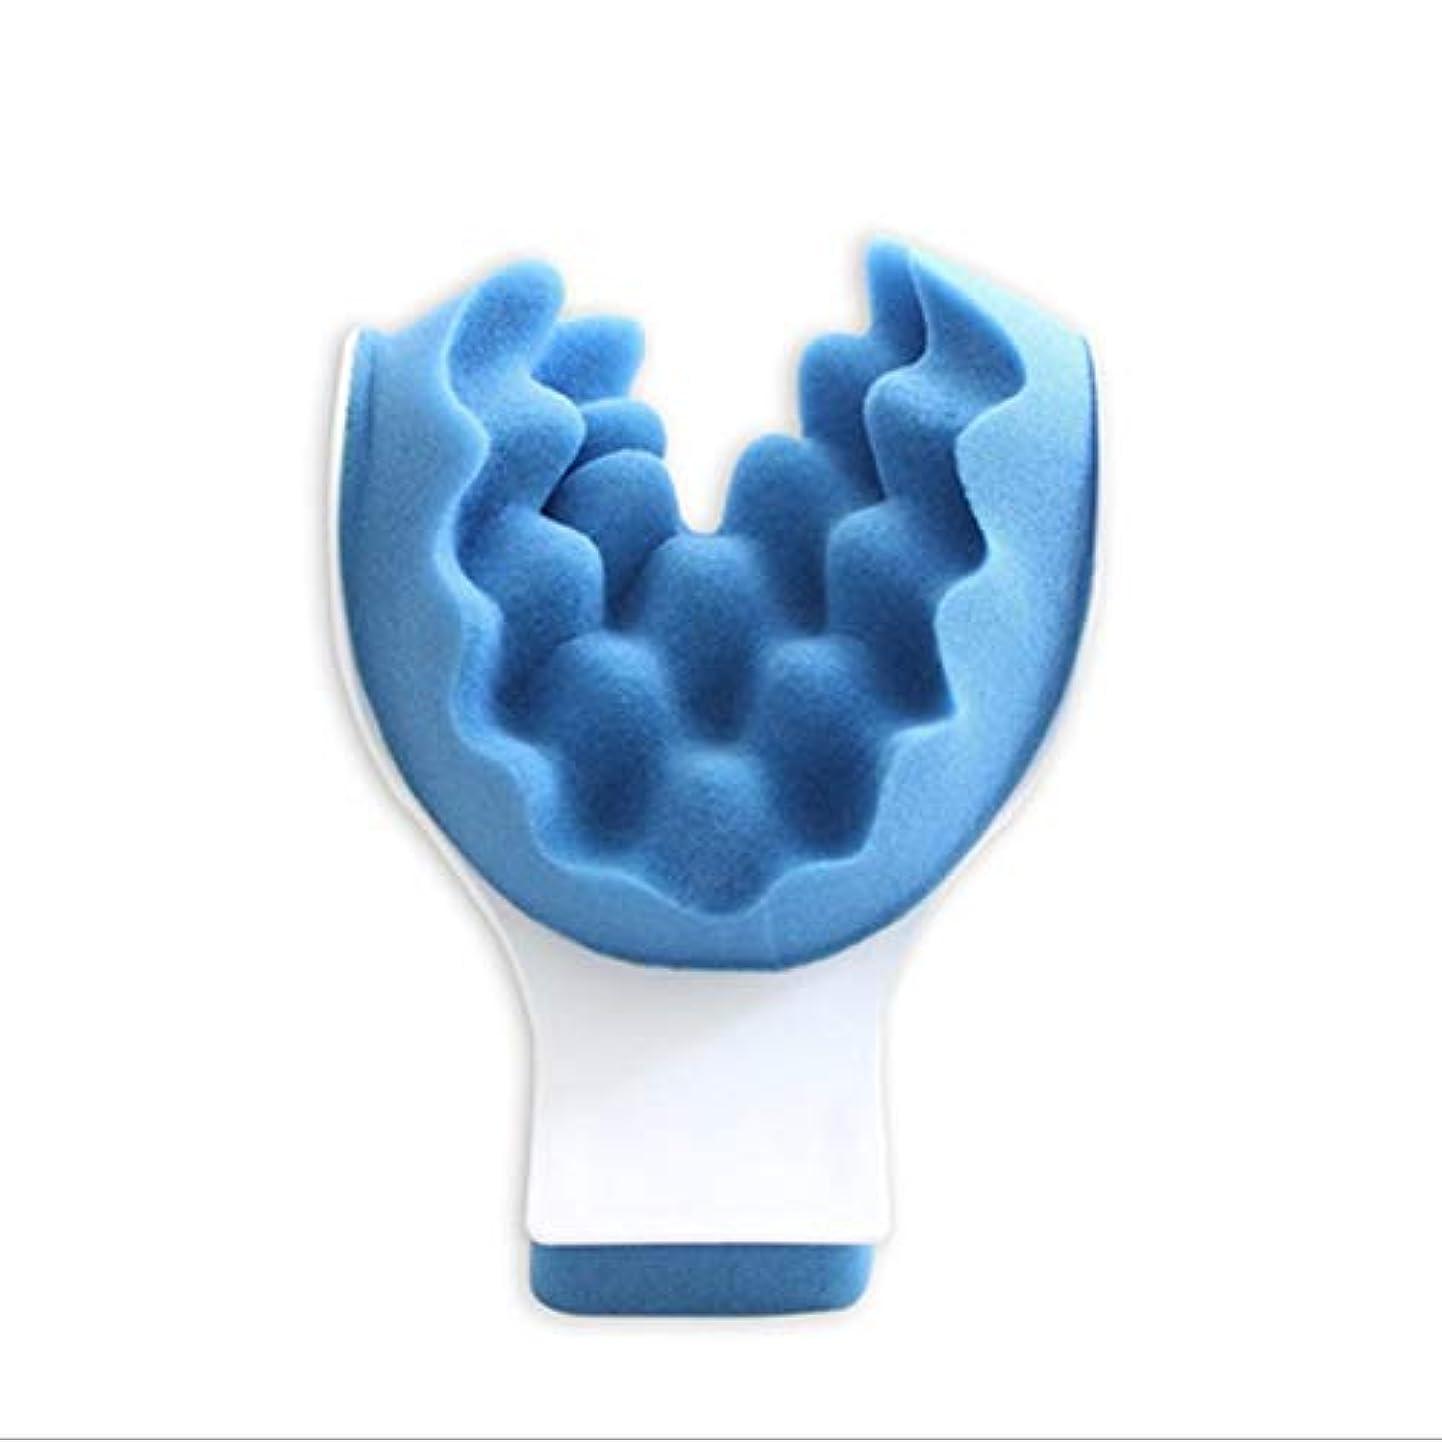 自然擬人シードマッスルテンションリリーフタイトネスと痛みの緩和セラピーティックネックサポートテンションリリーフネック&ショルダーリラクサー - ブルー